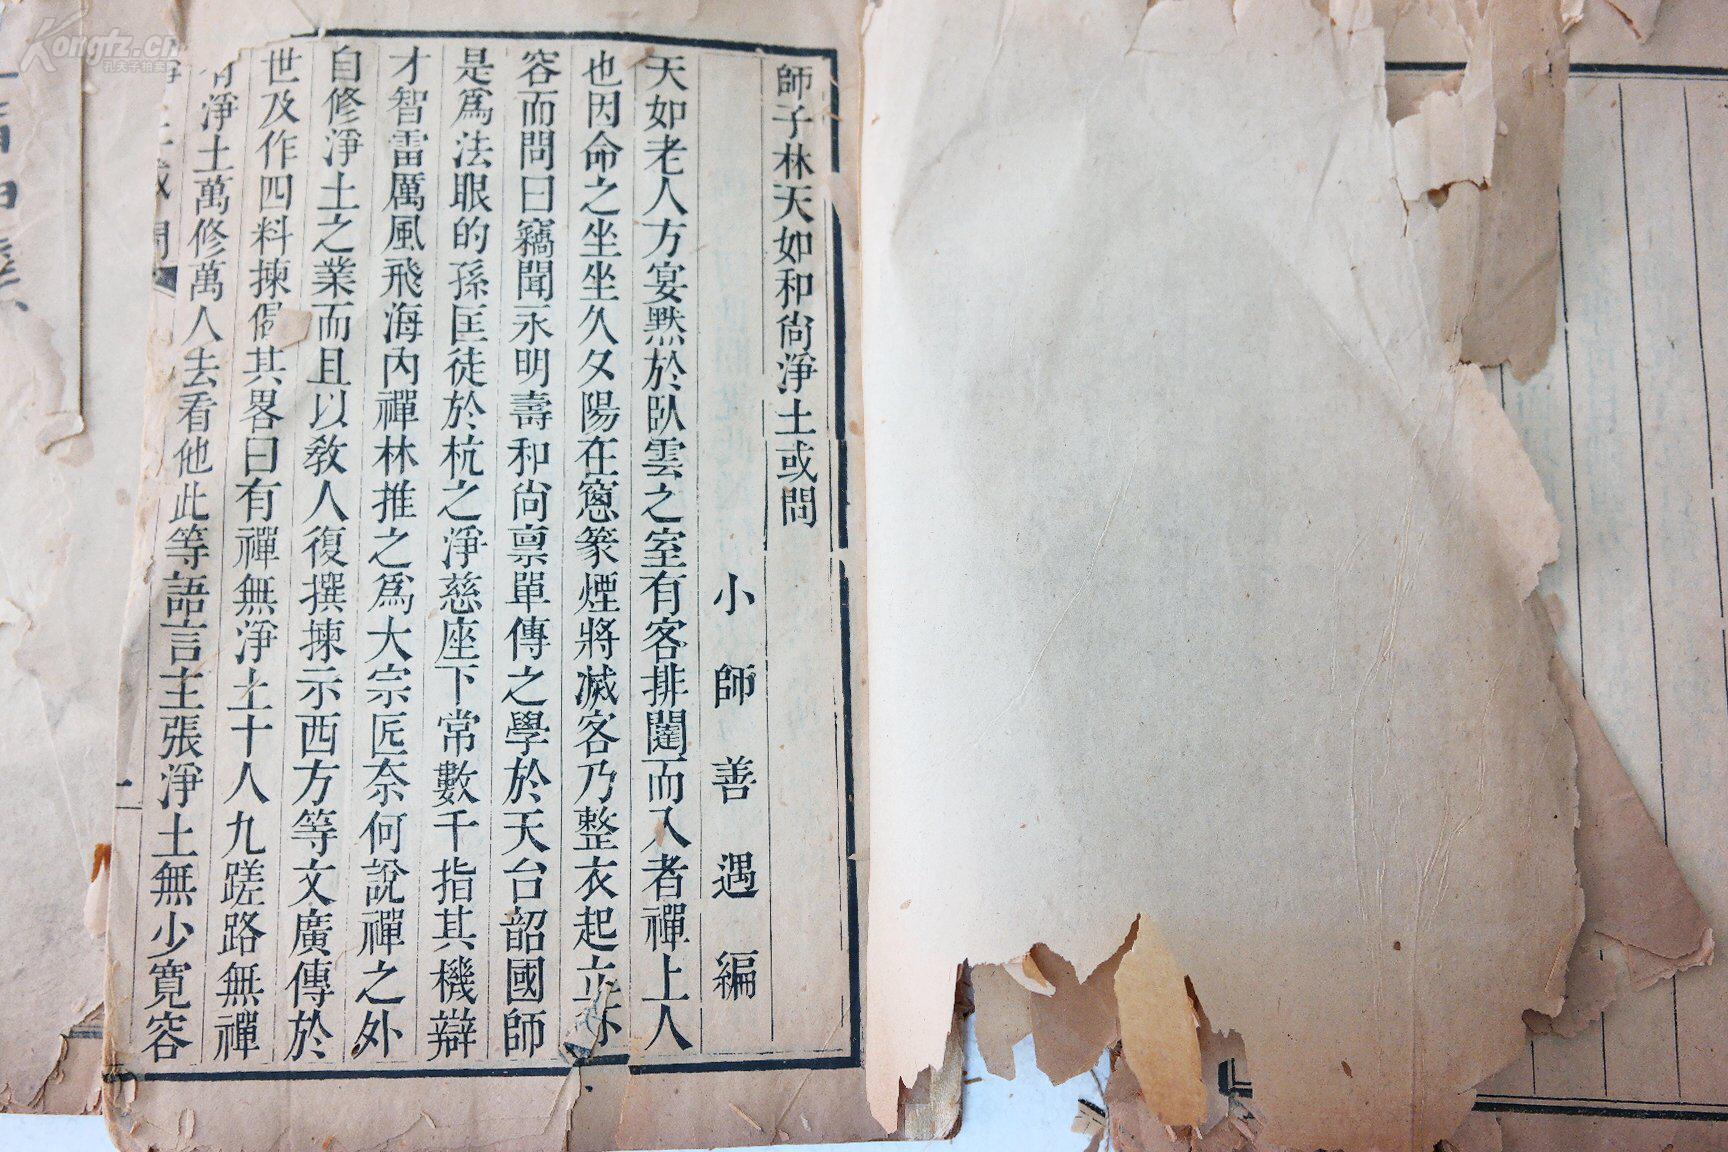 kwzya23清做法木刻本《龙舒菜谱文师子林天如小鸡竹纸炒的_美食_豆净土果图片